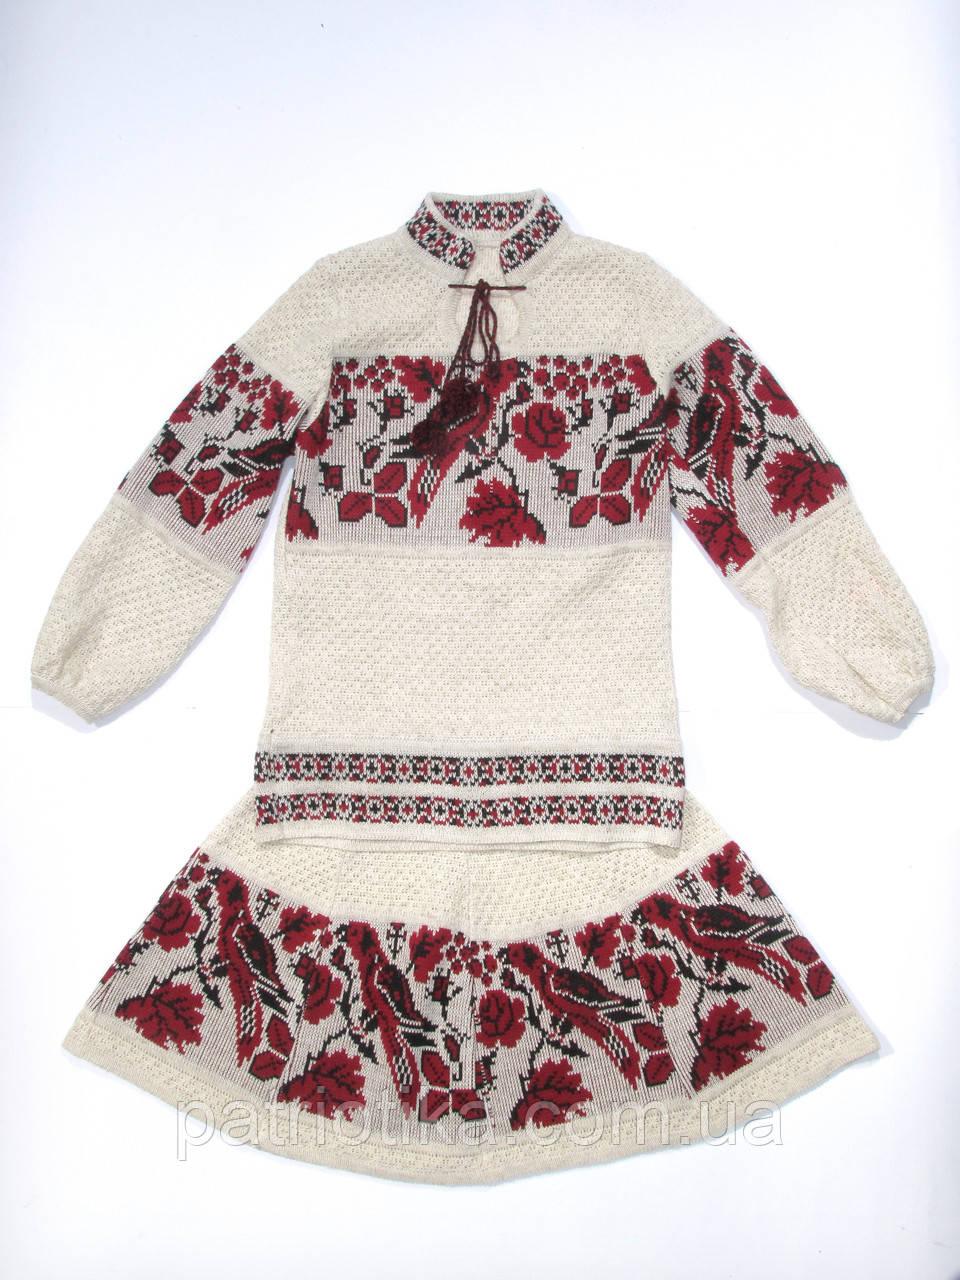 вязаный костюм на девочку птичка красная 2 вязаний костюм на